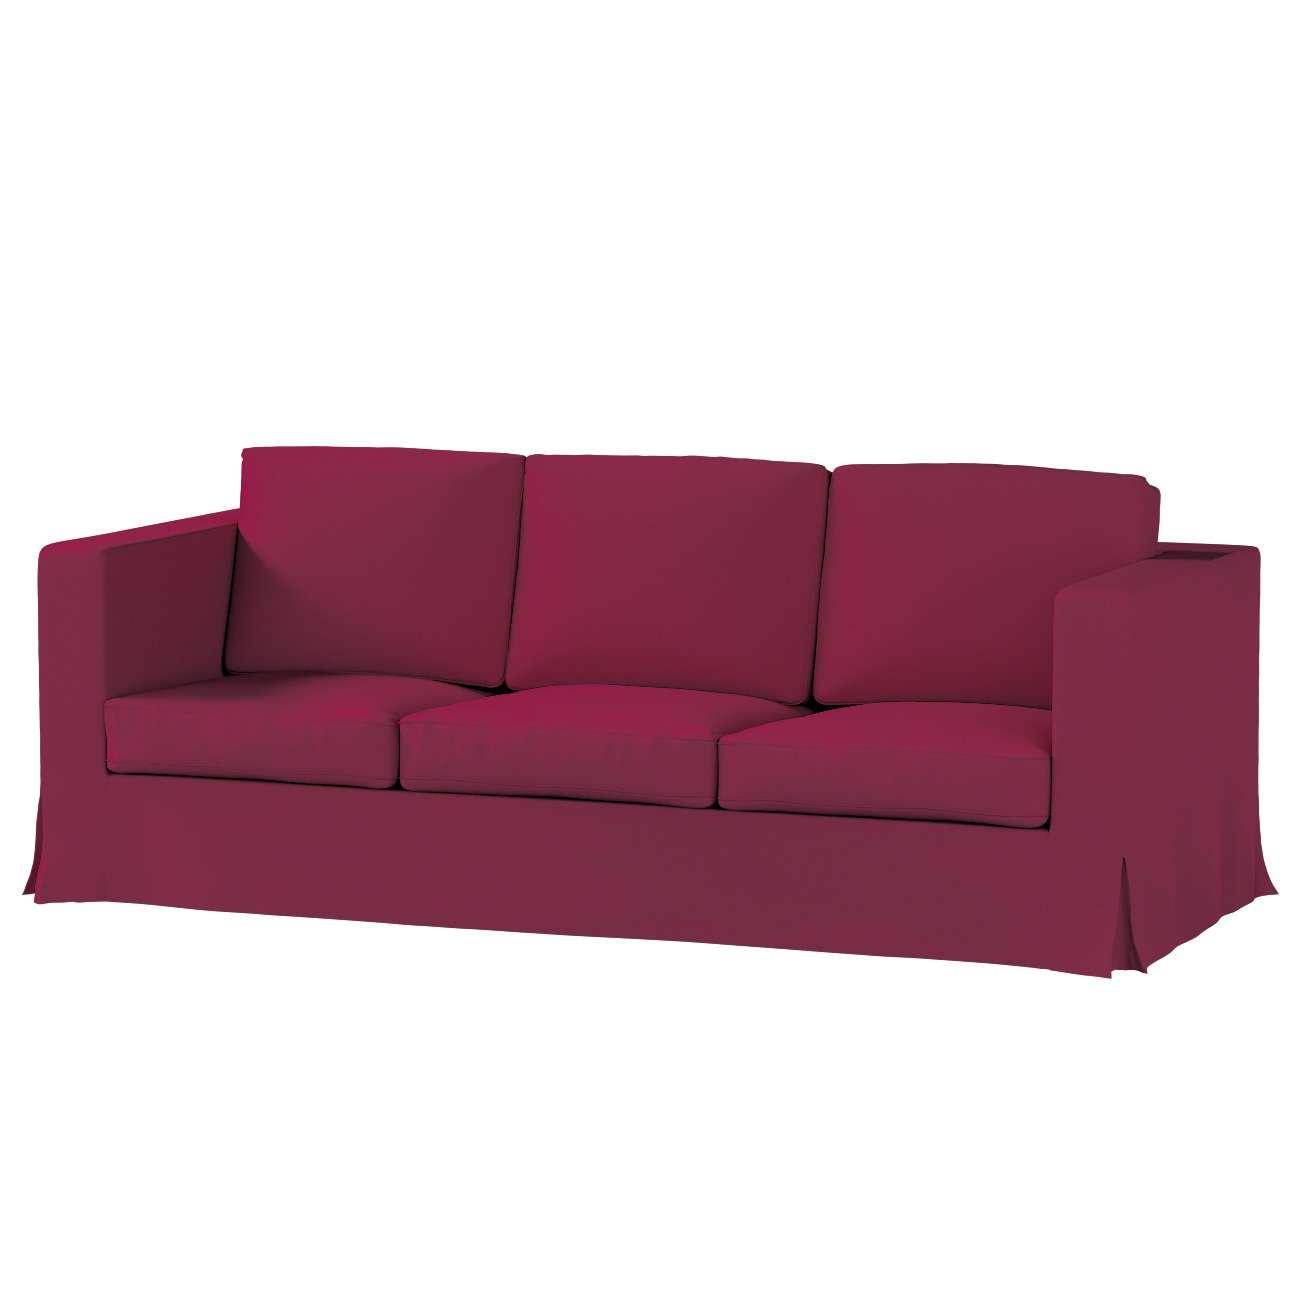 Bezug für Karlanda 3-Sitzer Sofa nicht ausklappbar, lang von der Kollektion Cotton Panama, Stoff: 702-32